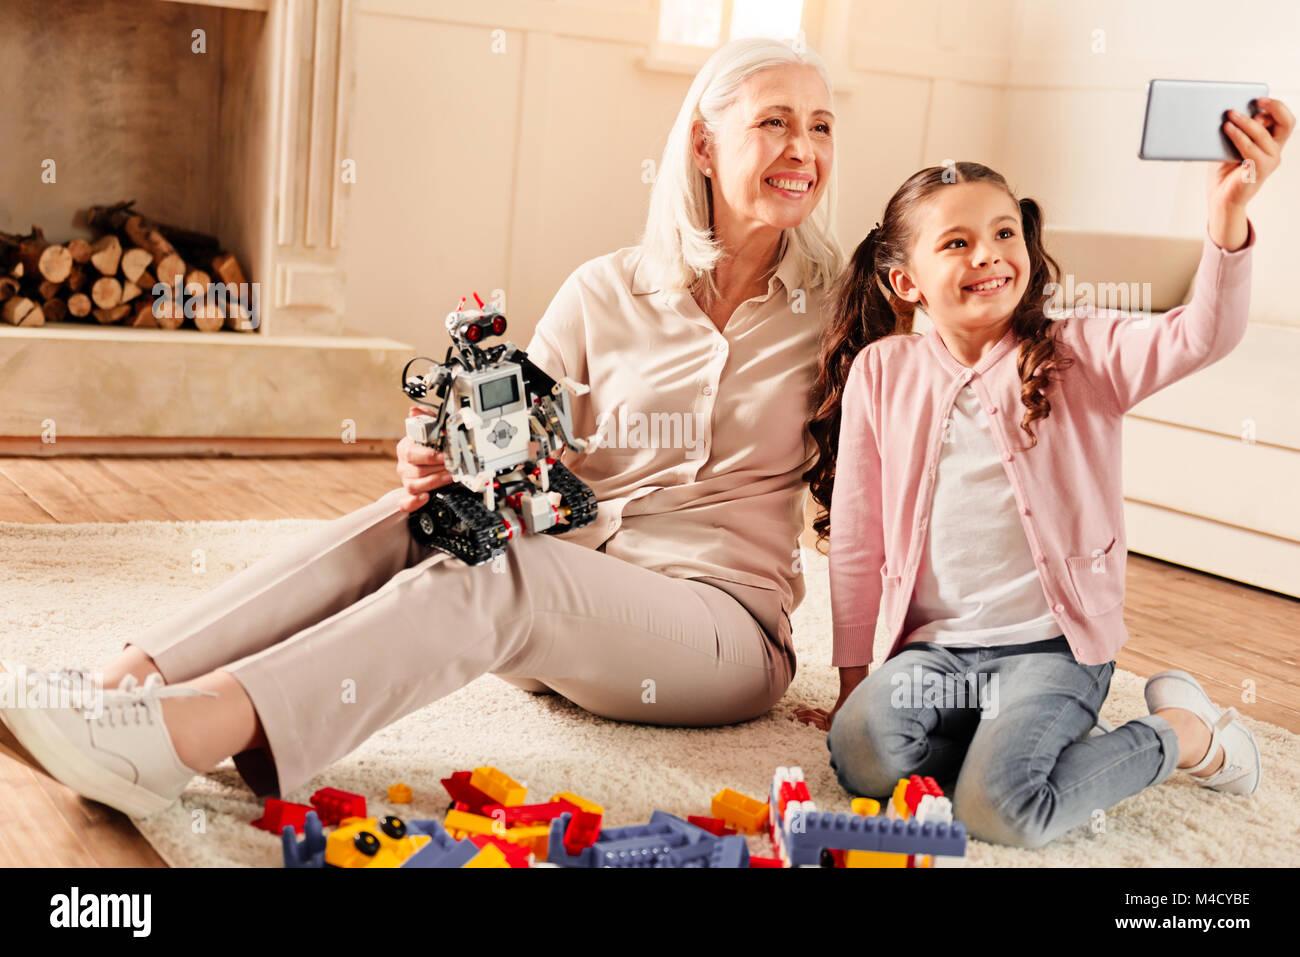 Smart bambina tenendo selfie con nonna radiante Immagini Stock